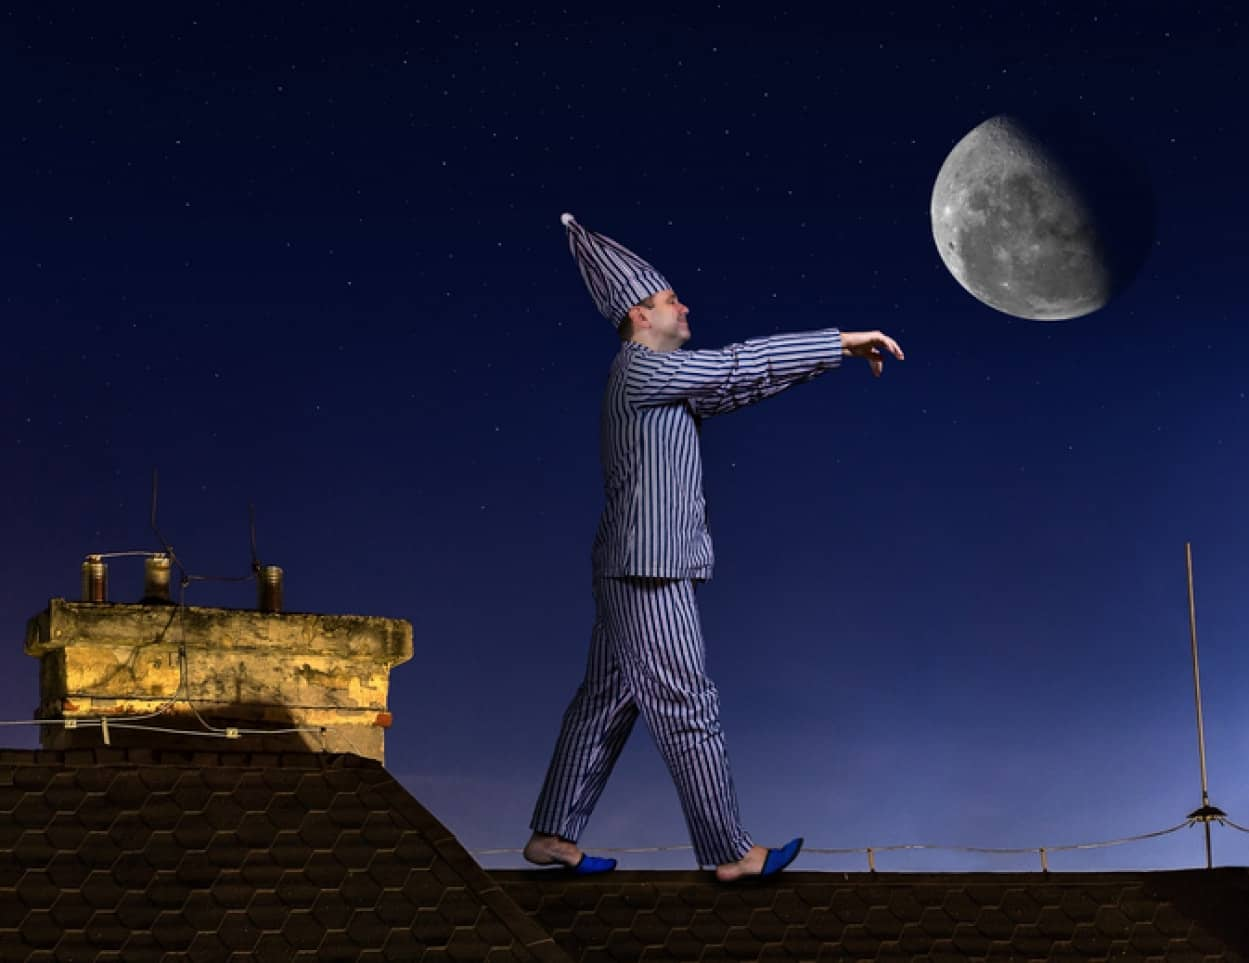 月の満ち欠けは男性の睡眠により多くの影響を及ぼしている